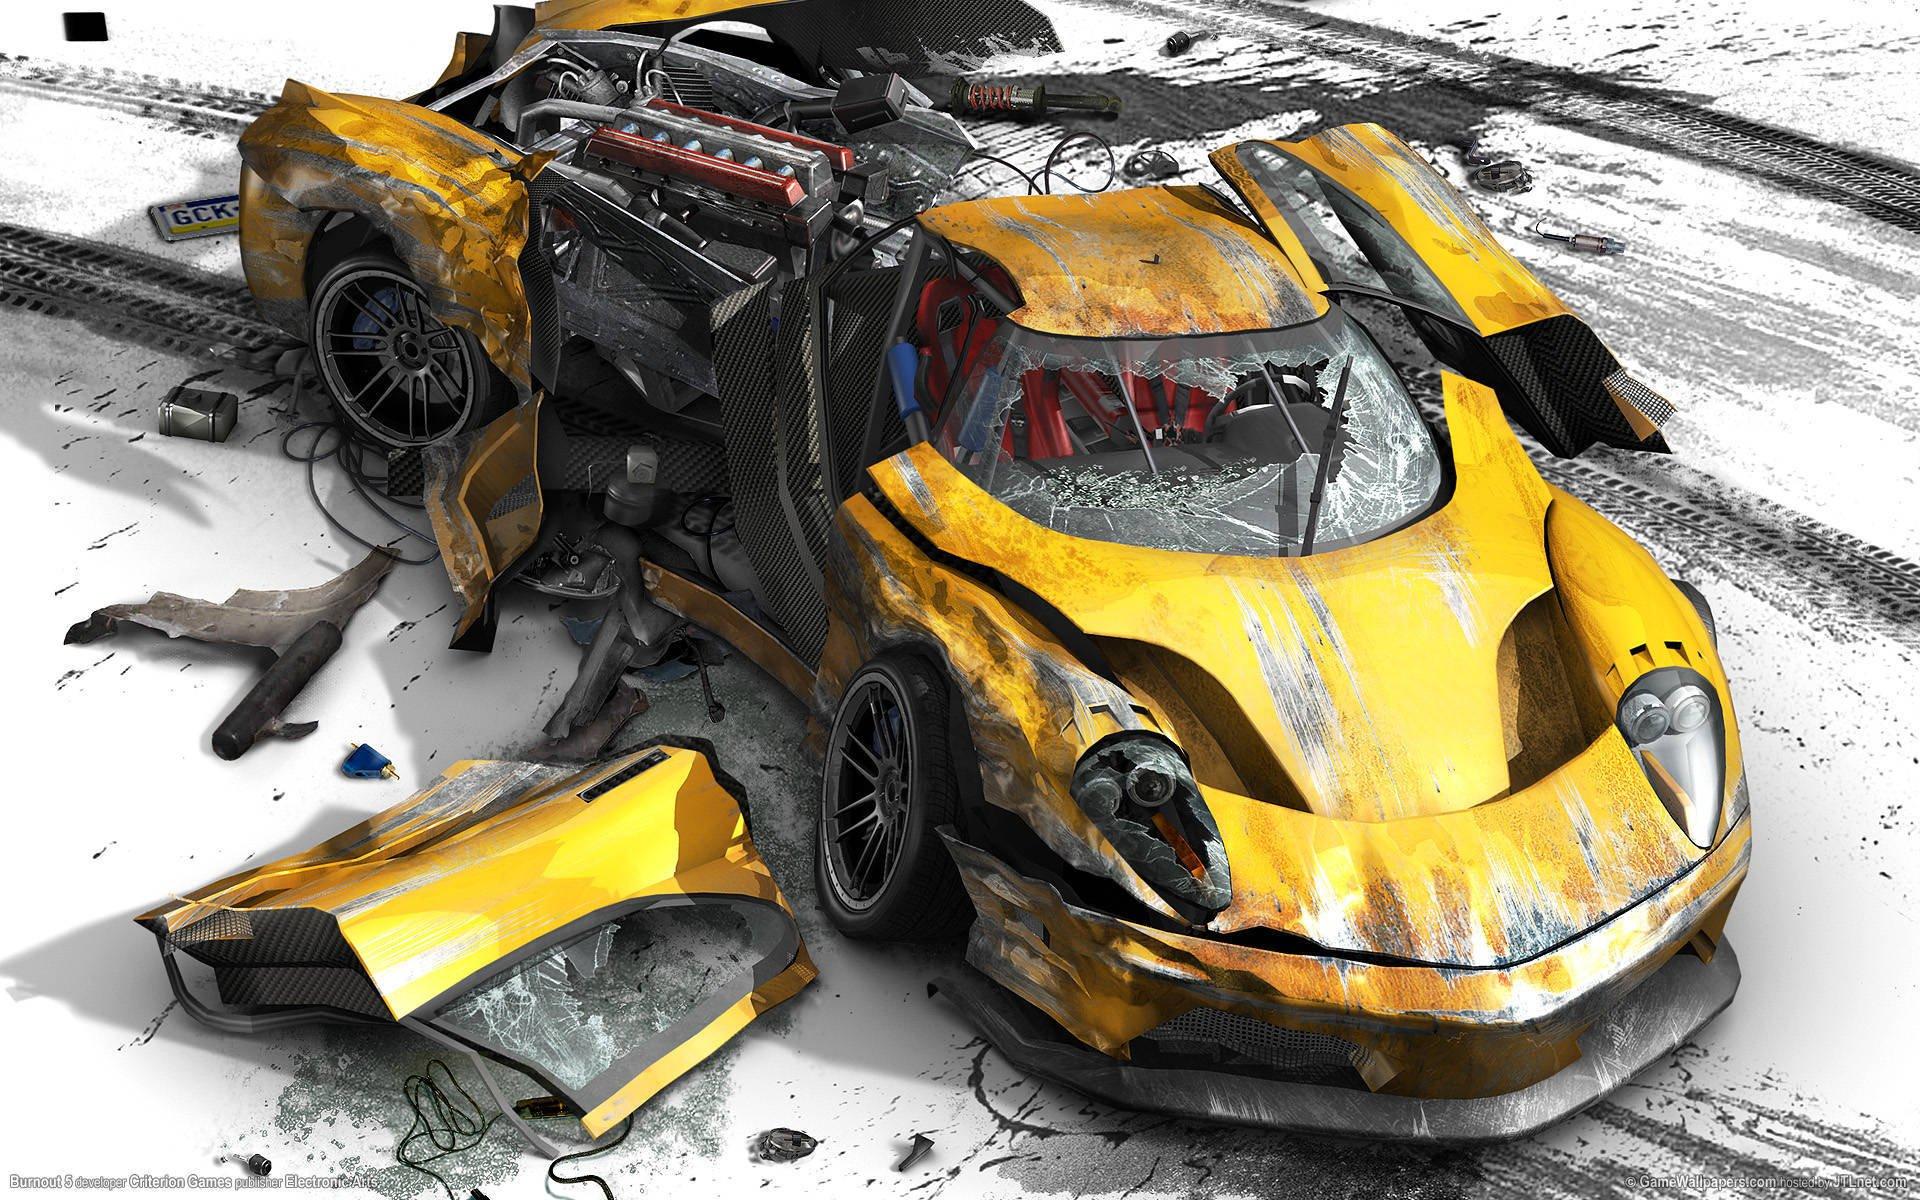 повседневного картинки разбившихся машин что видишь